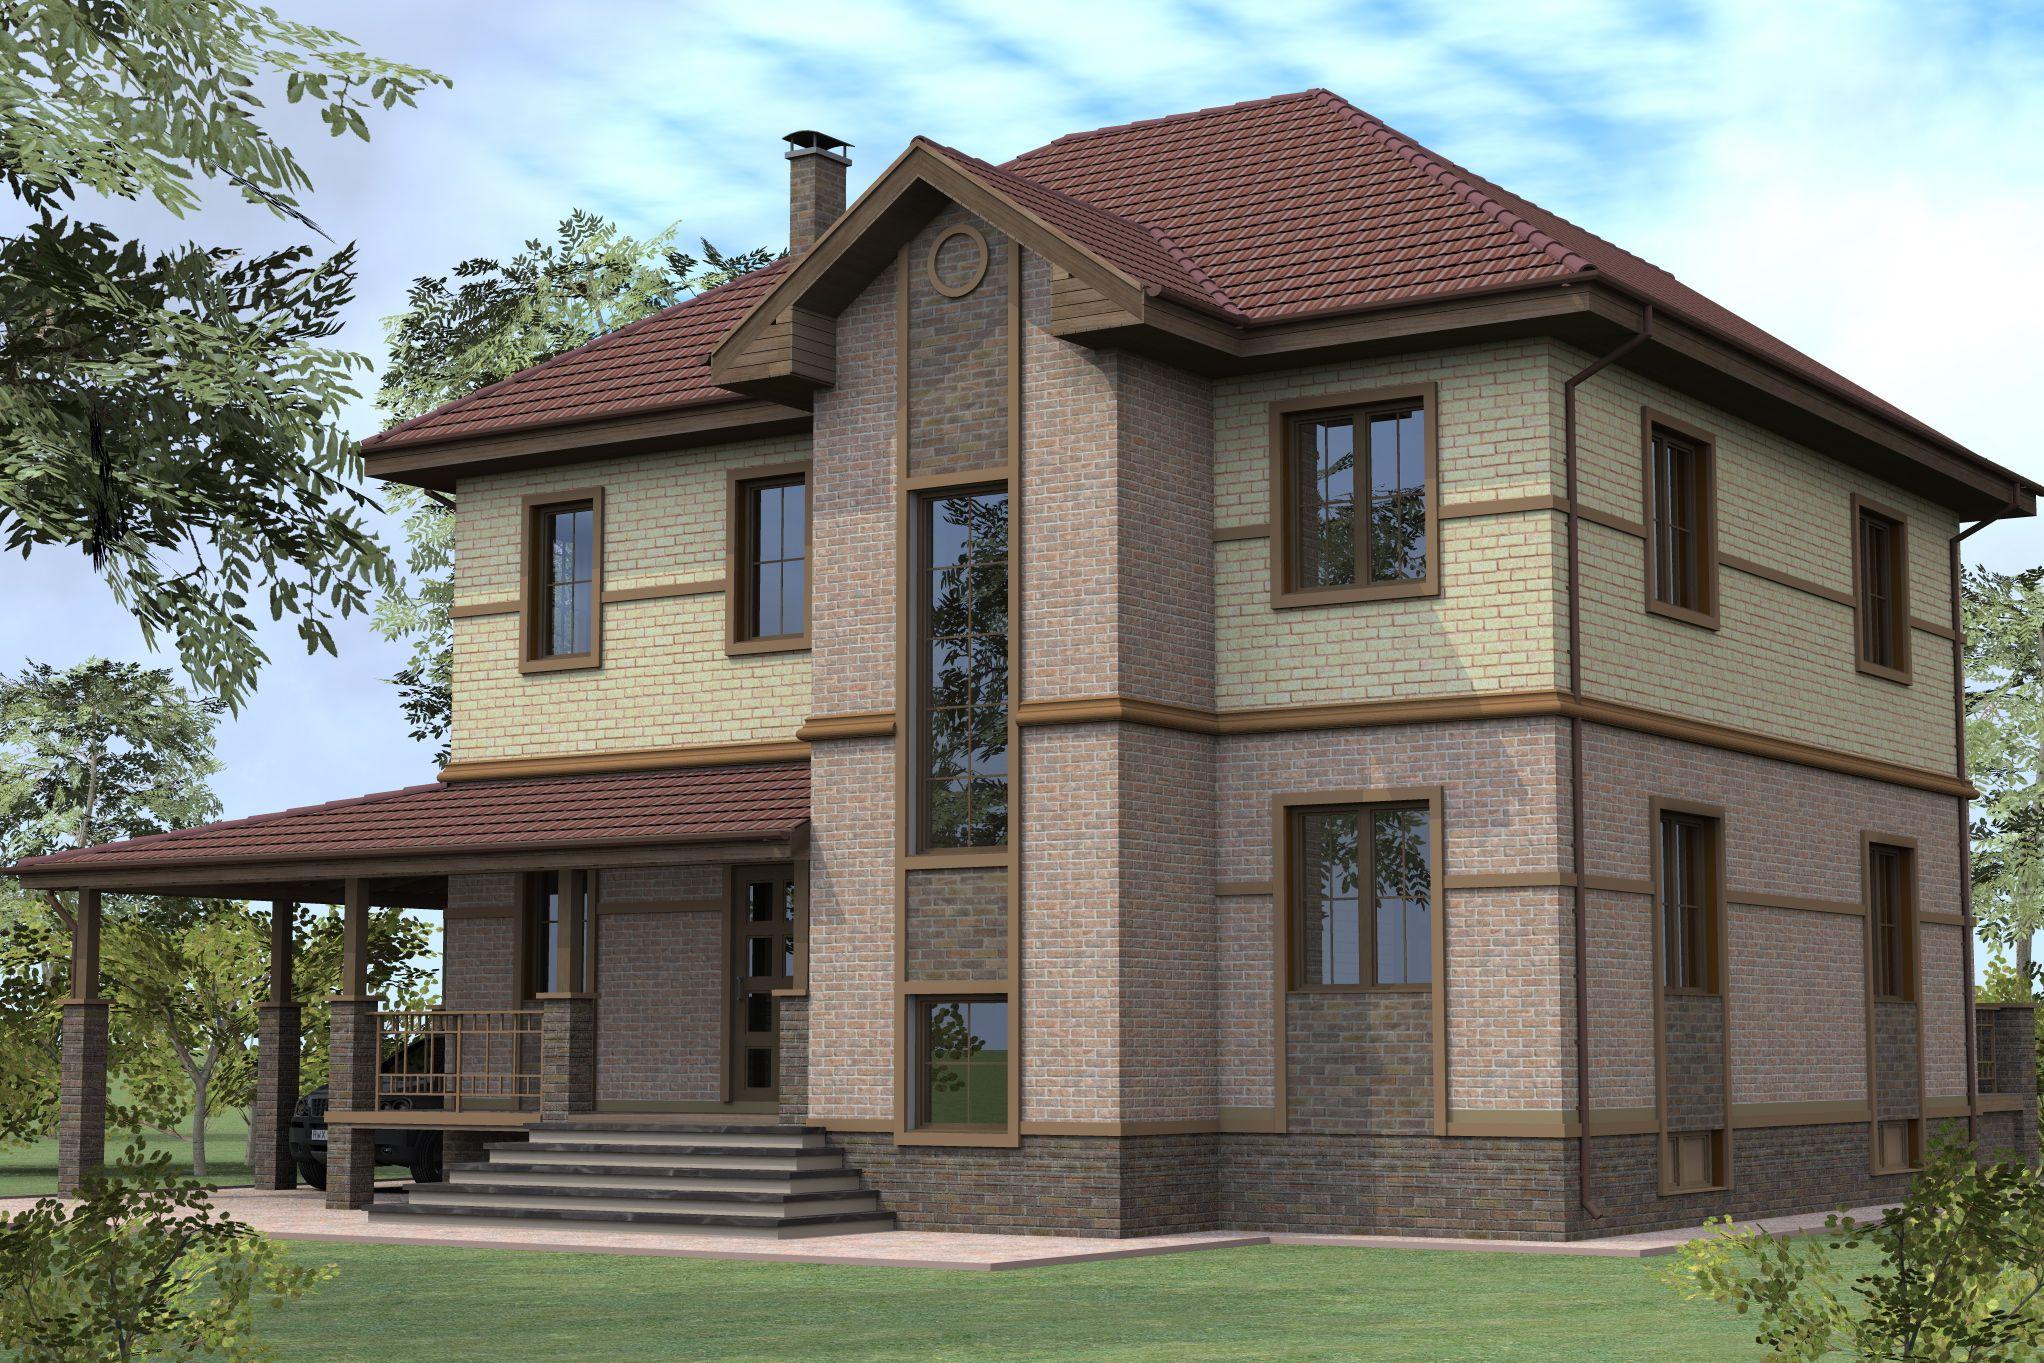 красивый проект двухэтажного дома фото правил